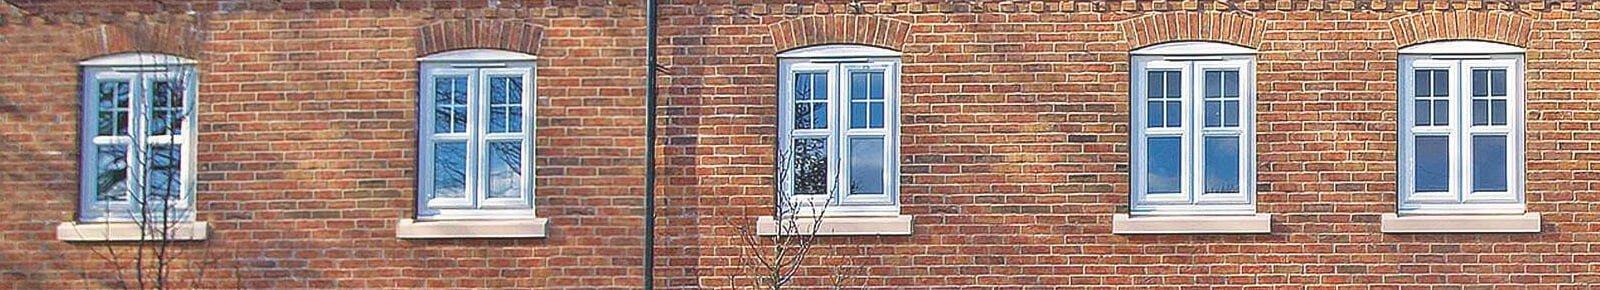 PVCu Windows Cumbria